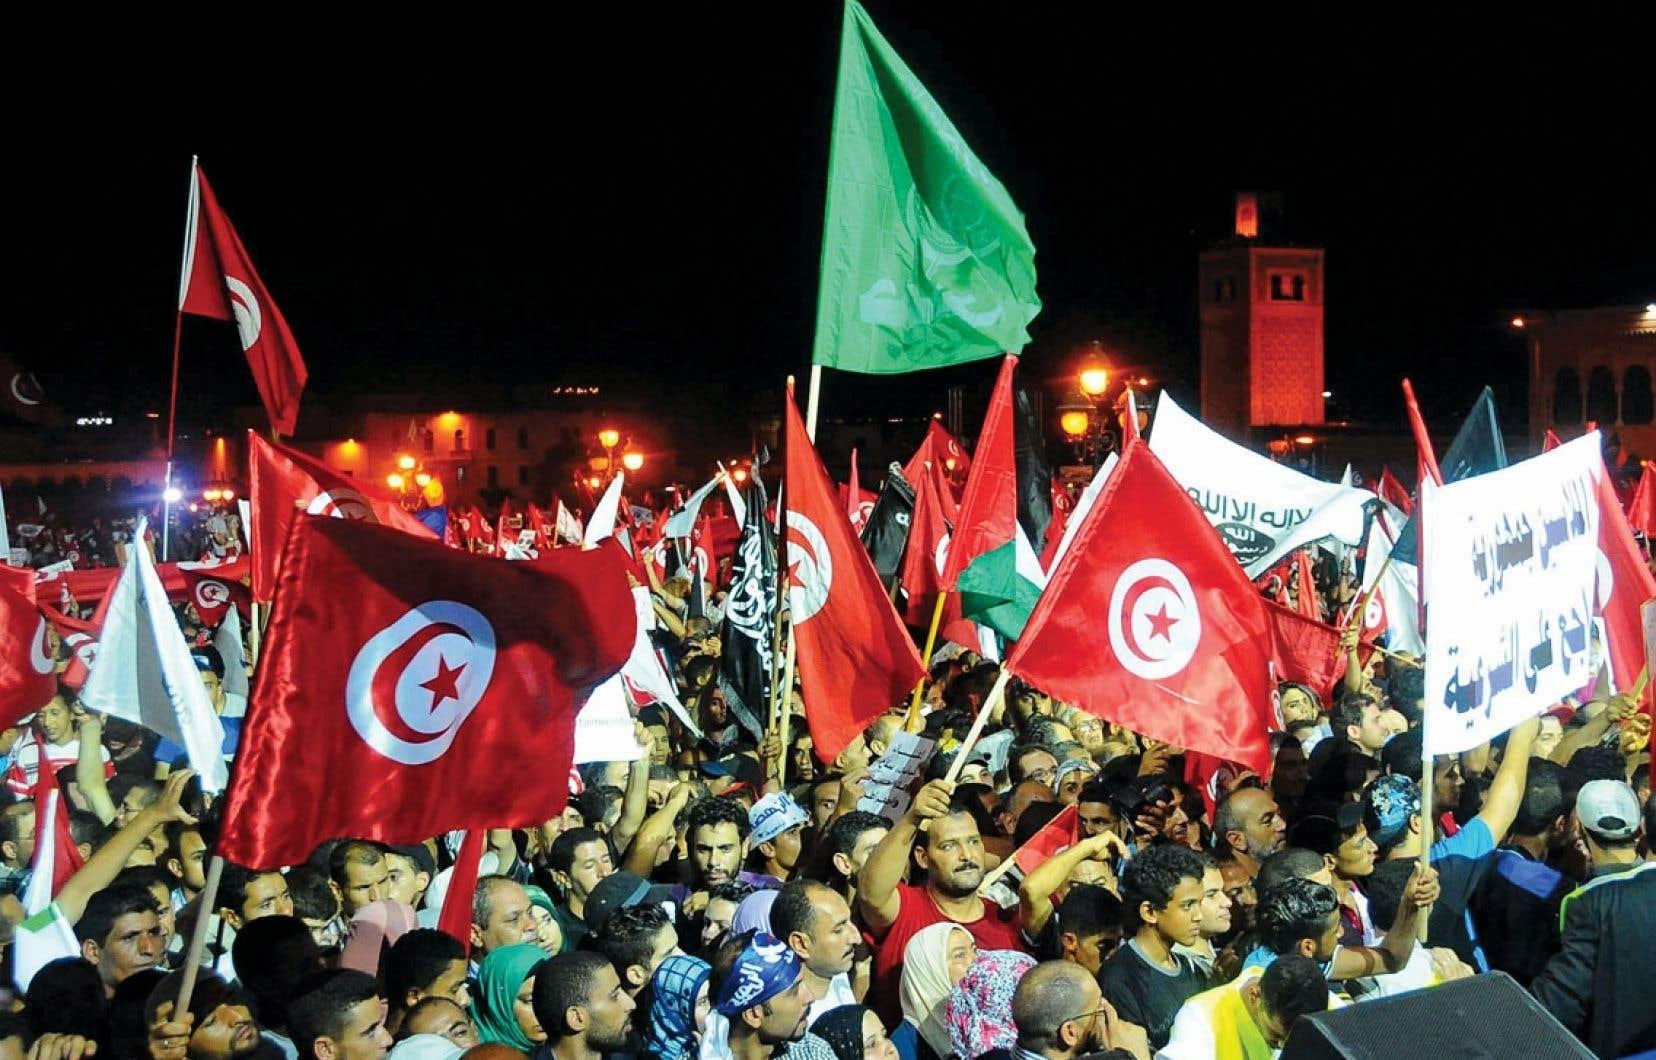 Ennahda a organisé dans la nuit de samedi à dimanche un rassemblement massif en réponse aux appels à la démission du gouvernement.